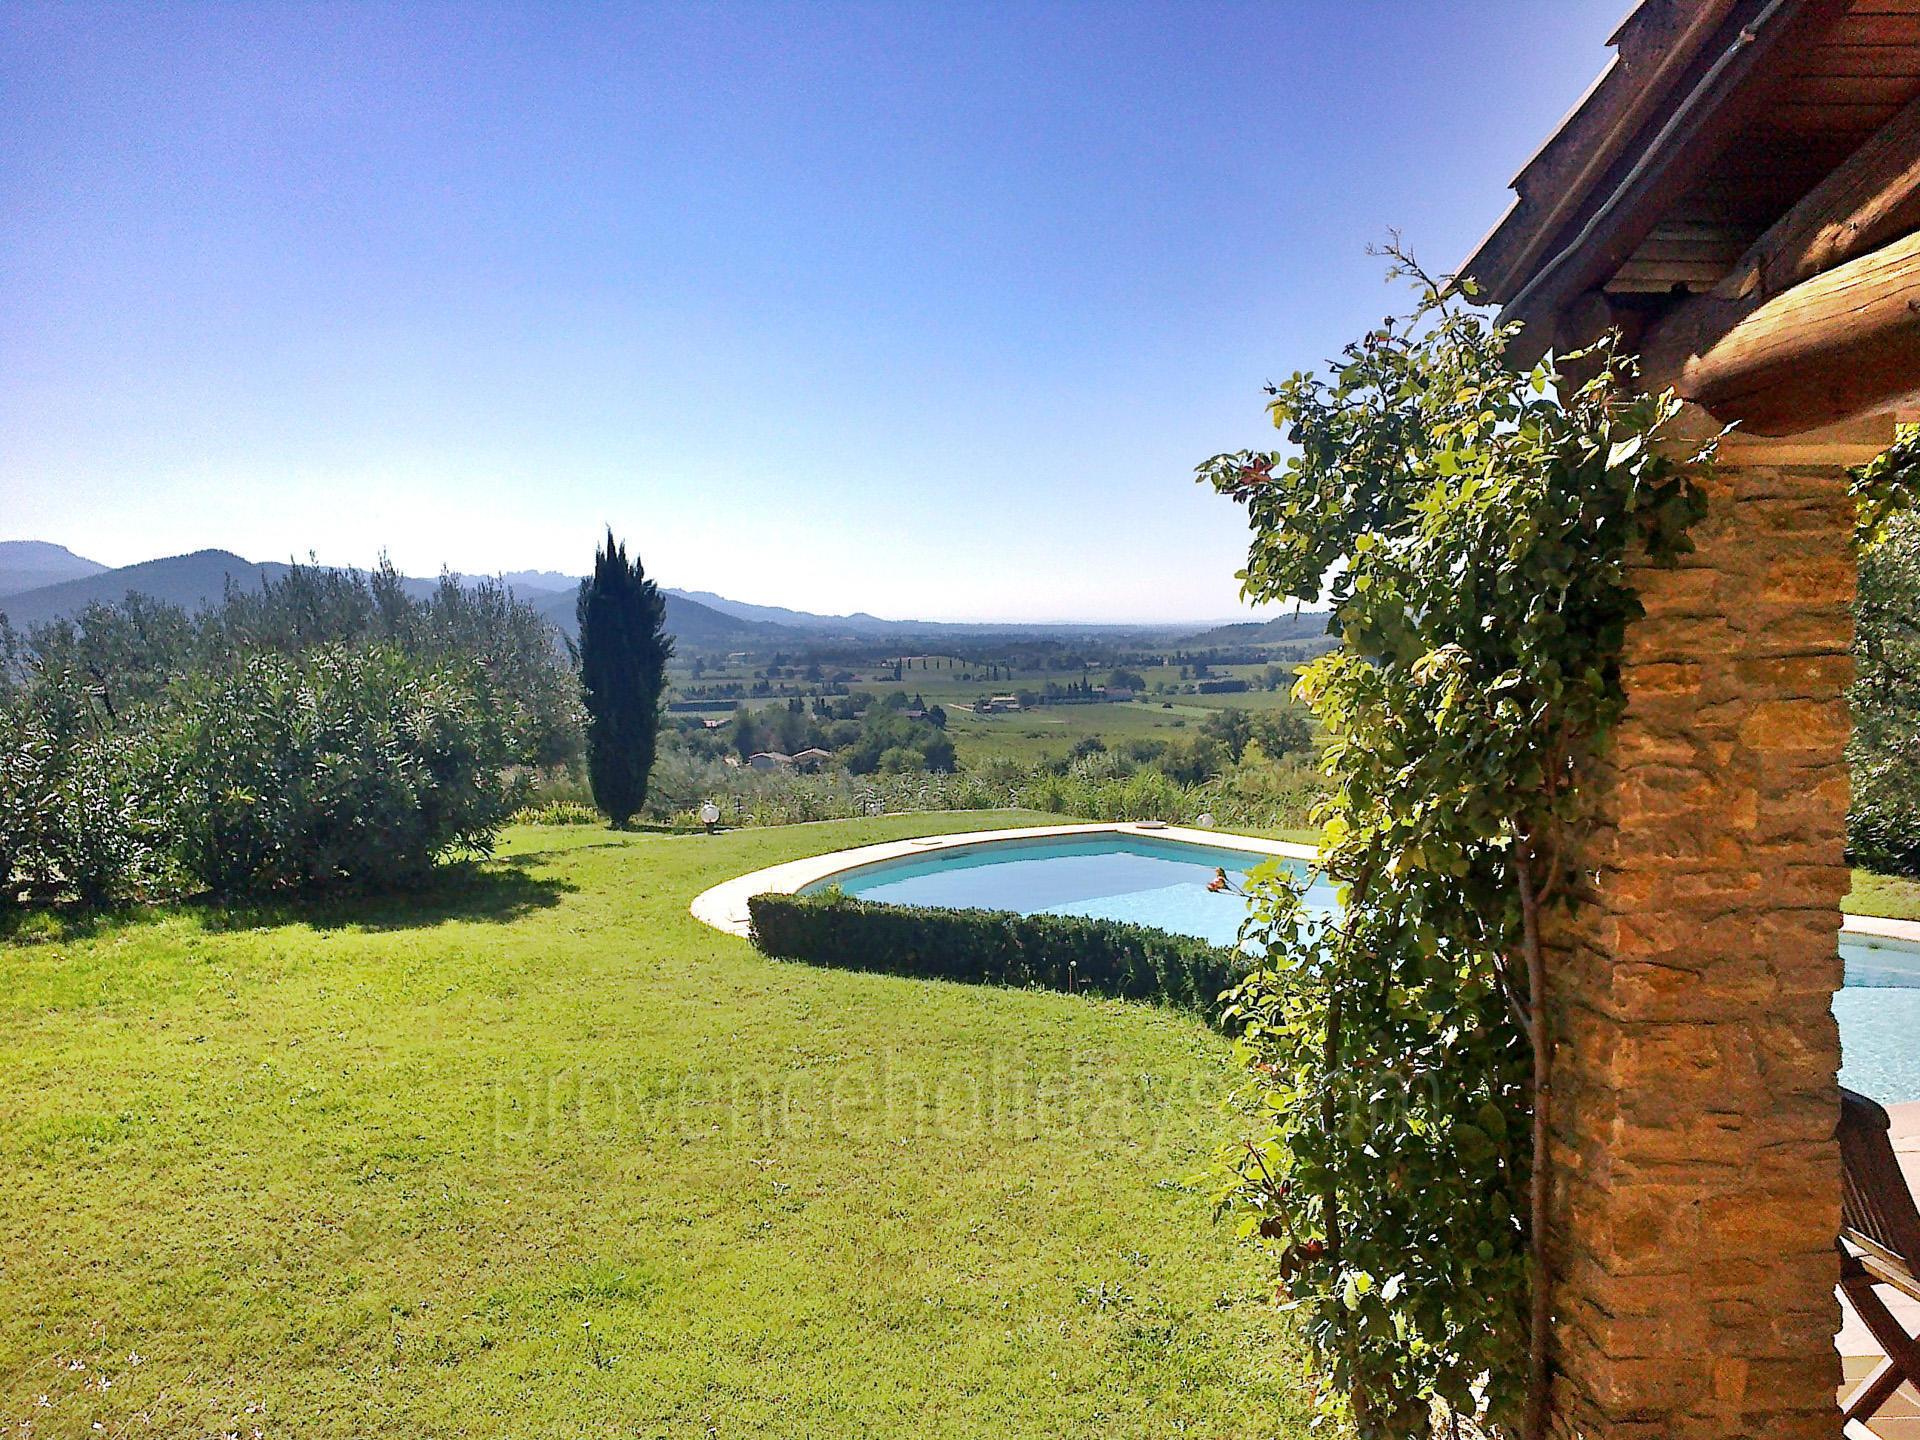 Villa des chemins location de vacances en dr me for Piscine de villedieu